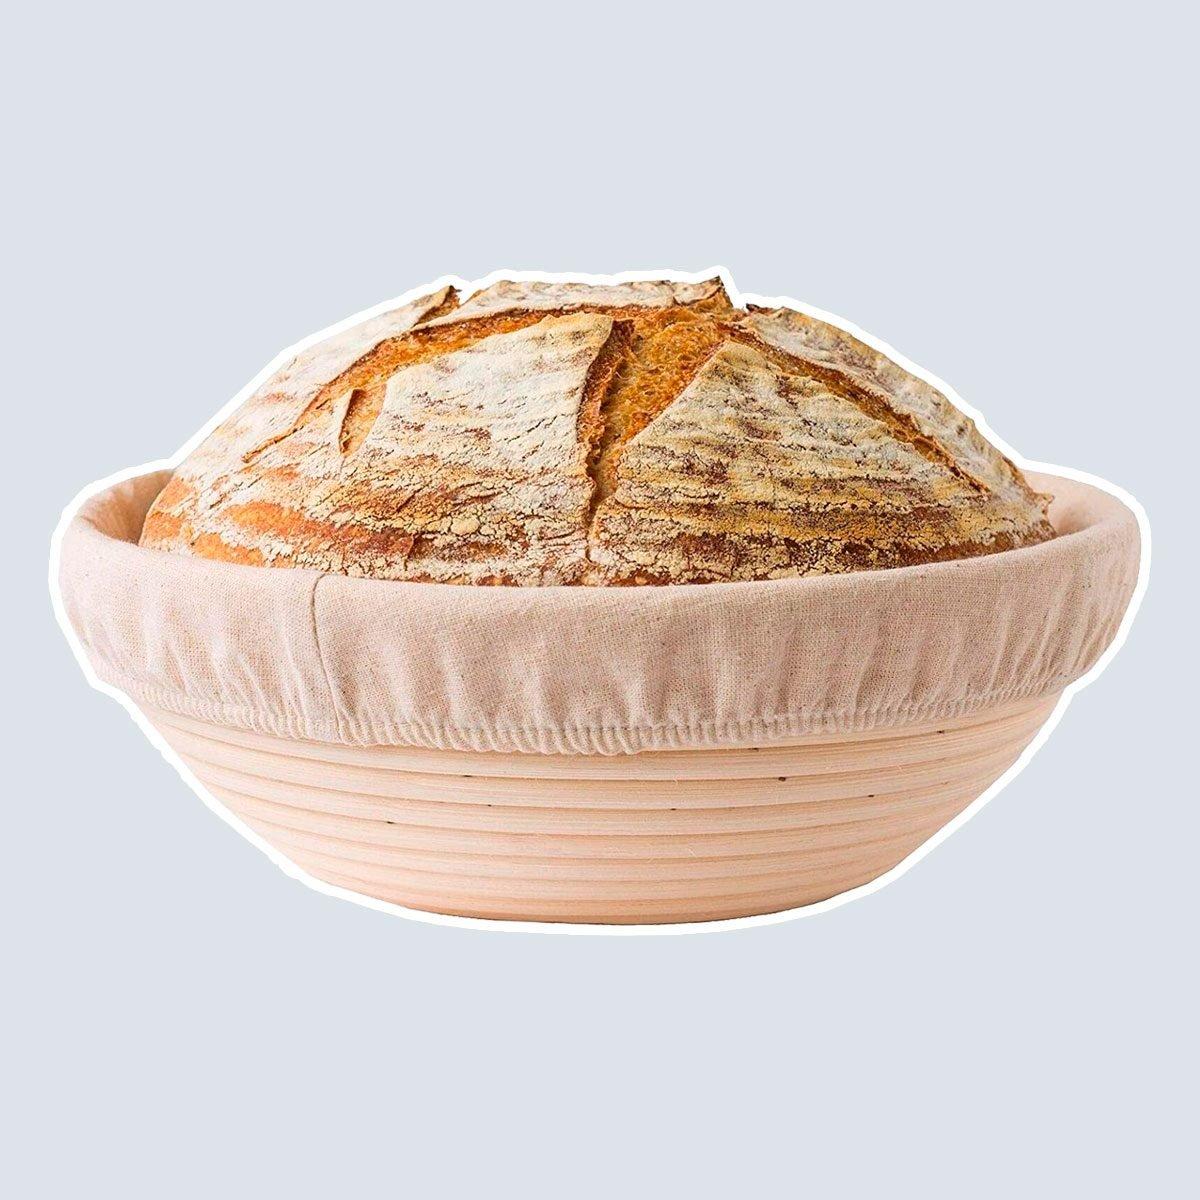 Proofing Basket